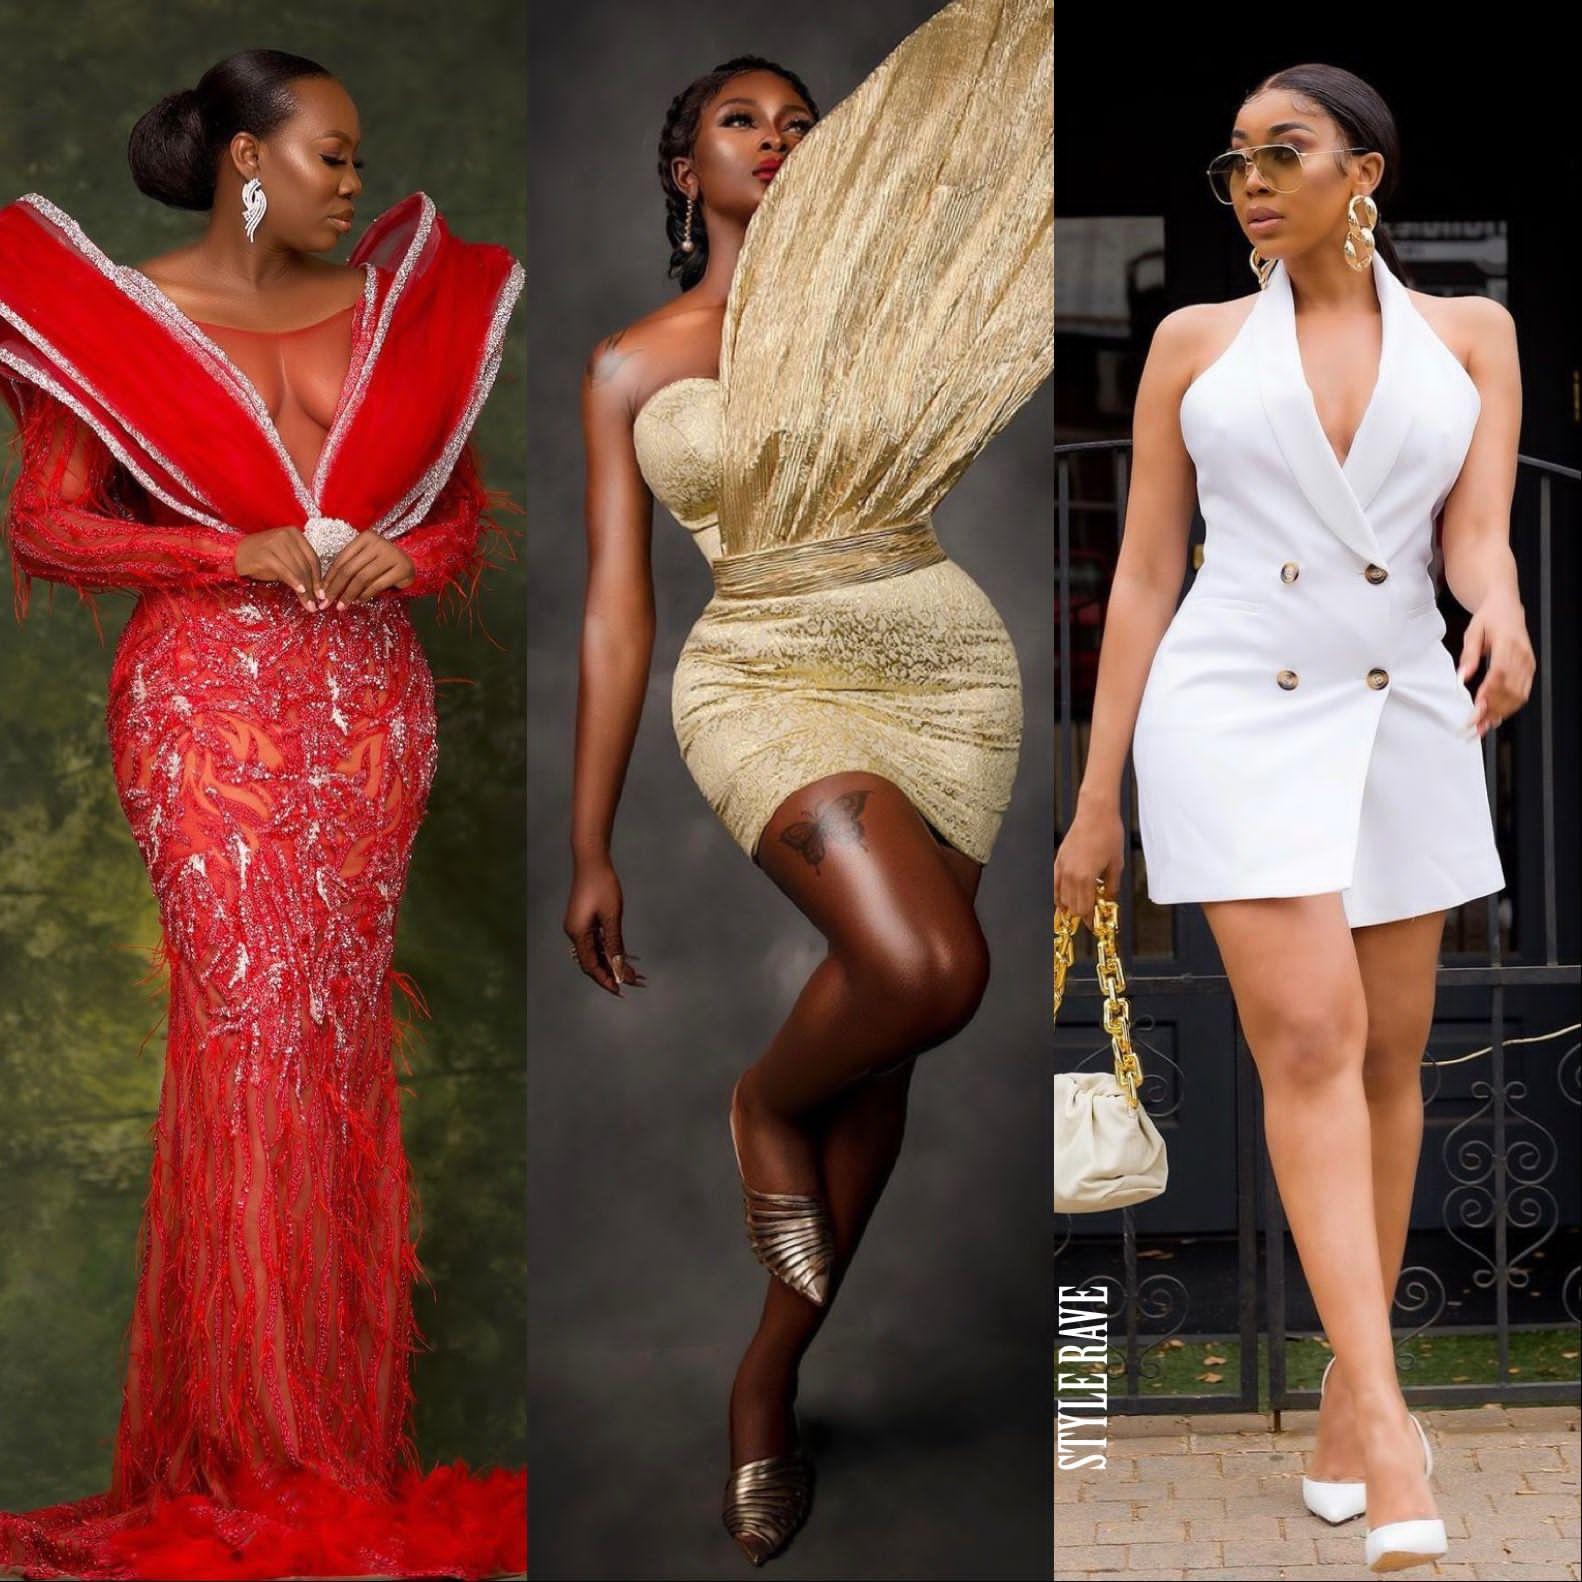 last-week-stylish-black-celebrities-shone-fashionably-style-rave